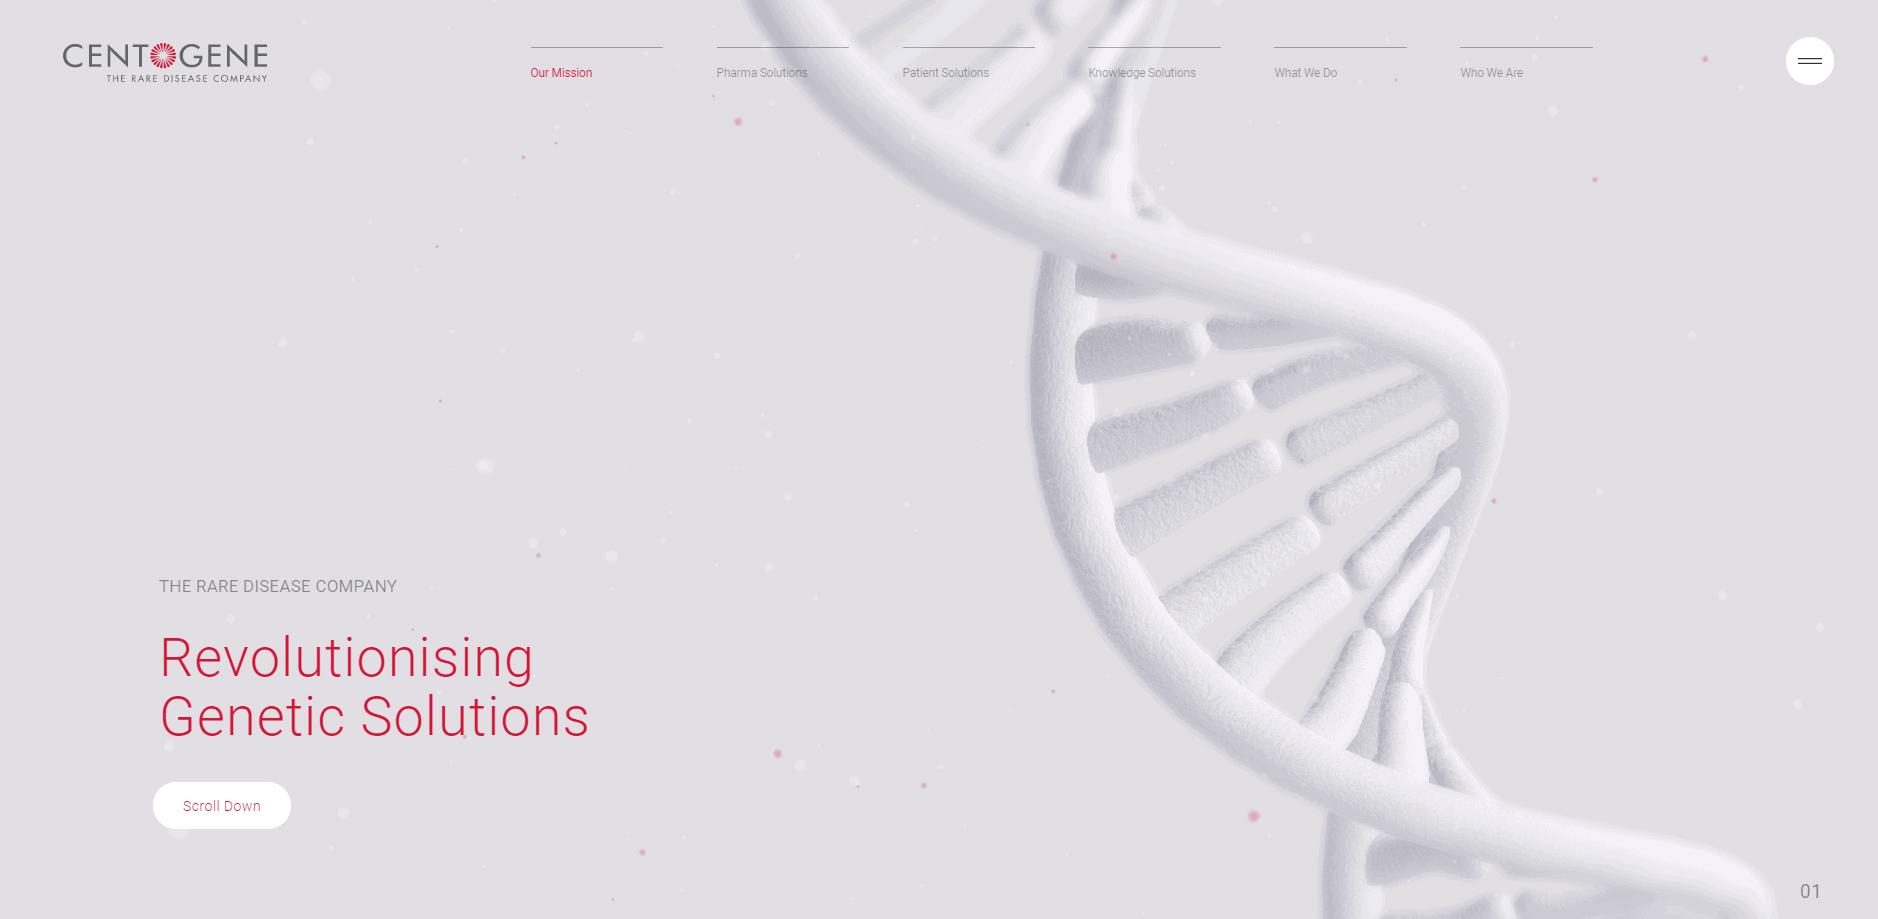 Best Agency Website for Centogene